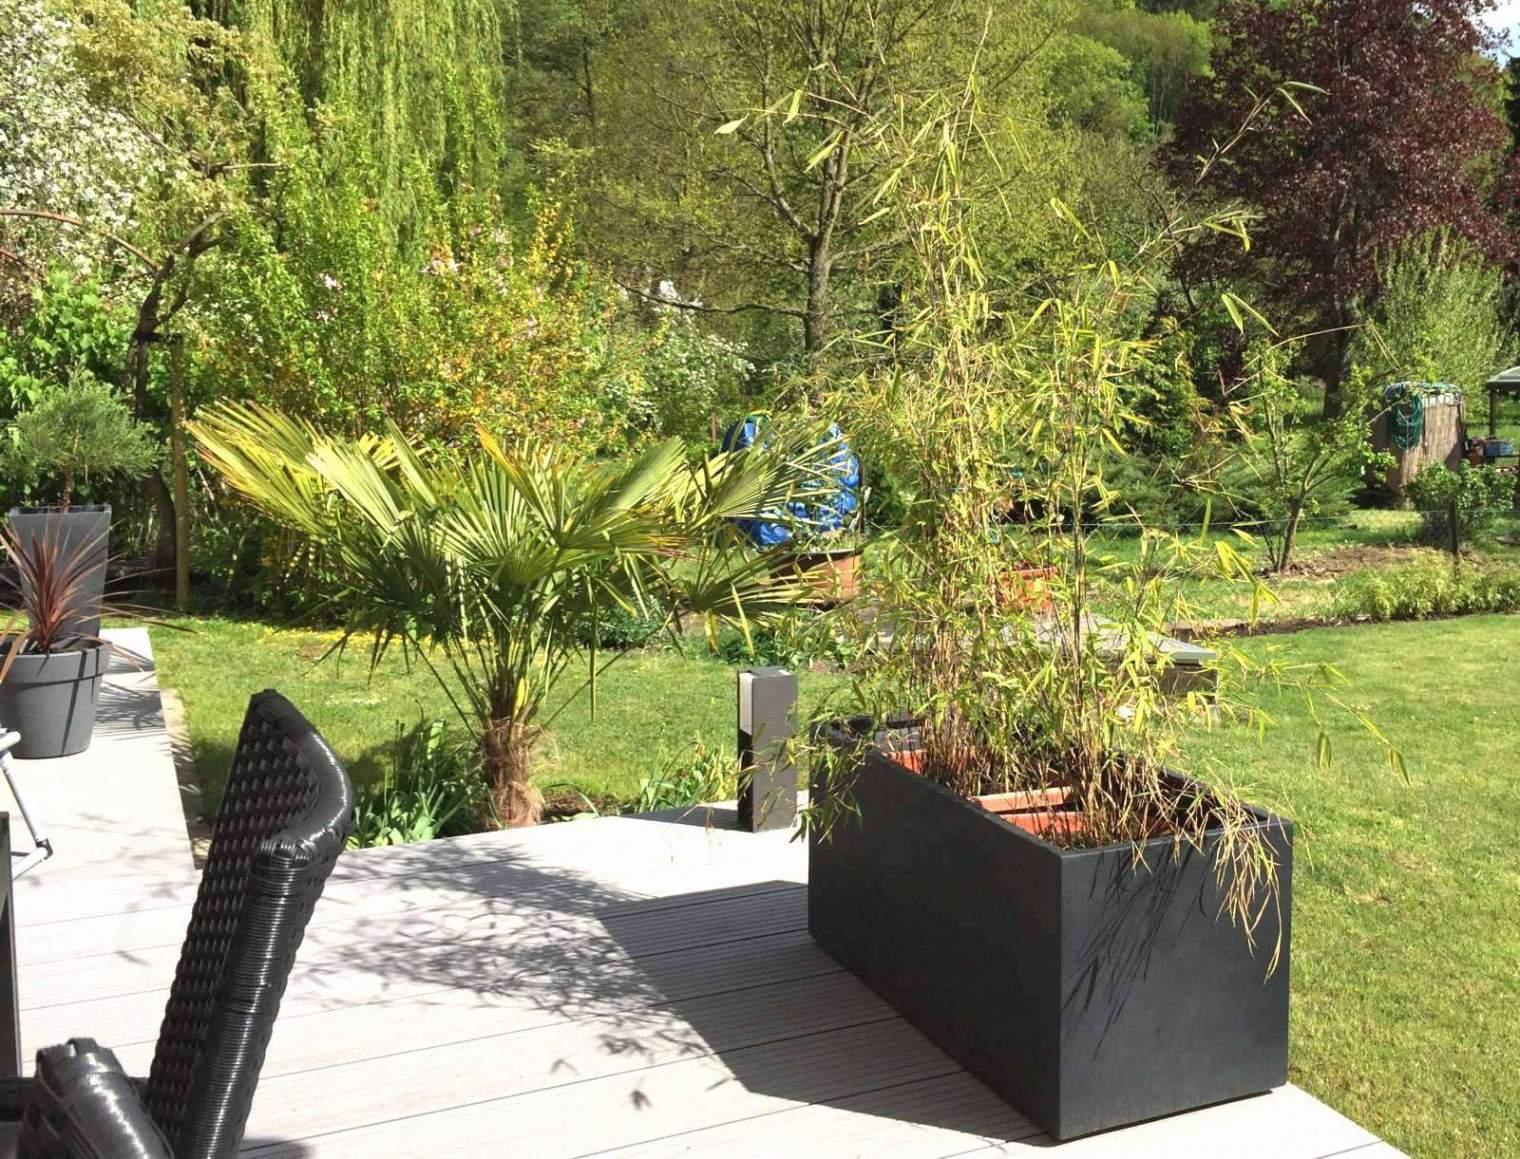 garten sichtschutz pflanzen neu sichtschutz garten terrasse das sichtschutz garten pflanzen sichtschutz garten pflanzen